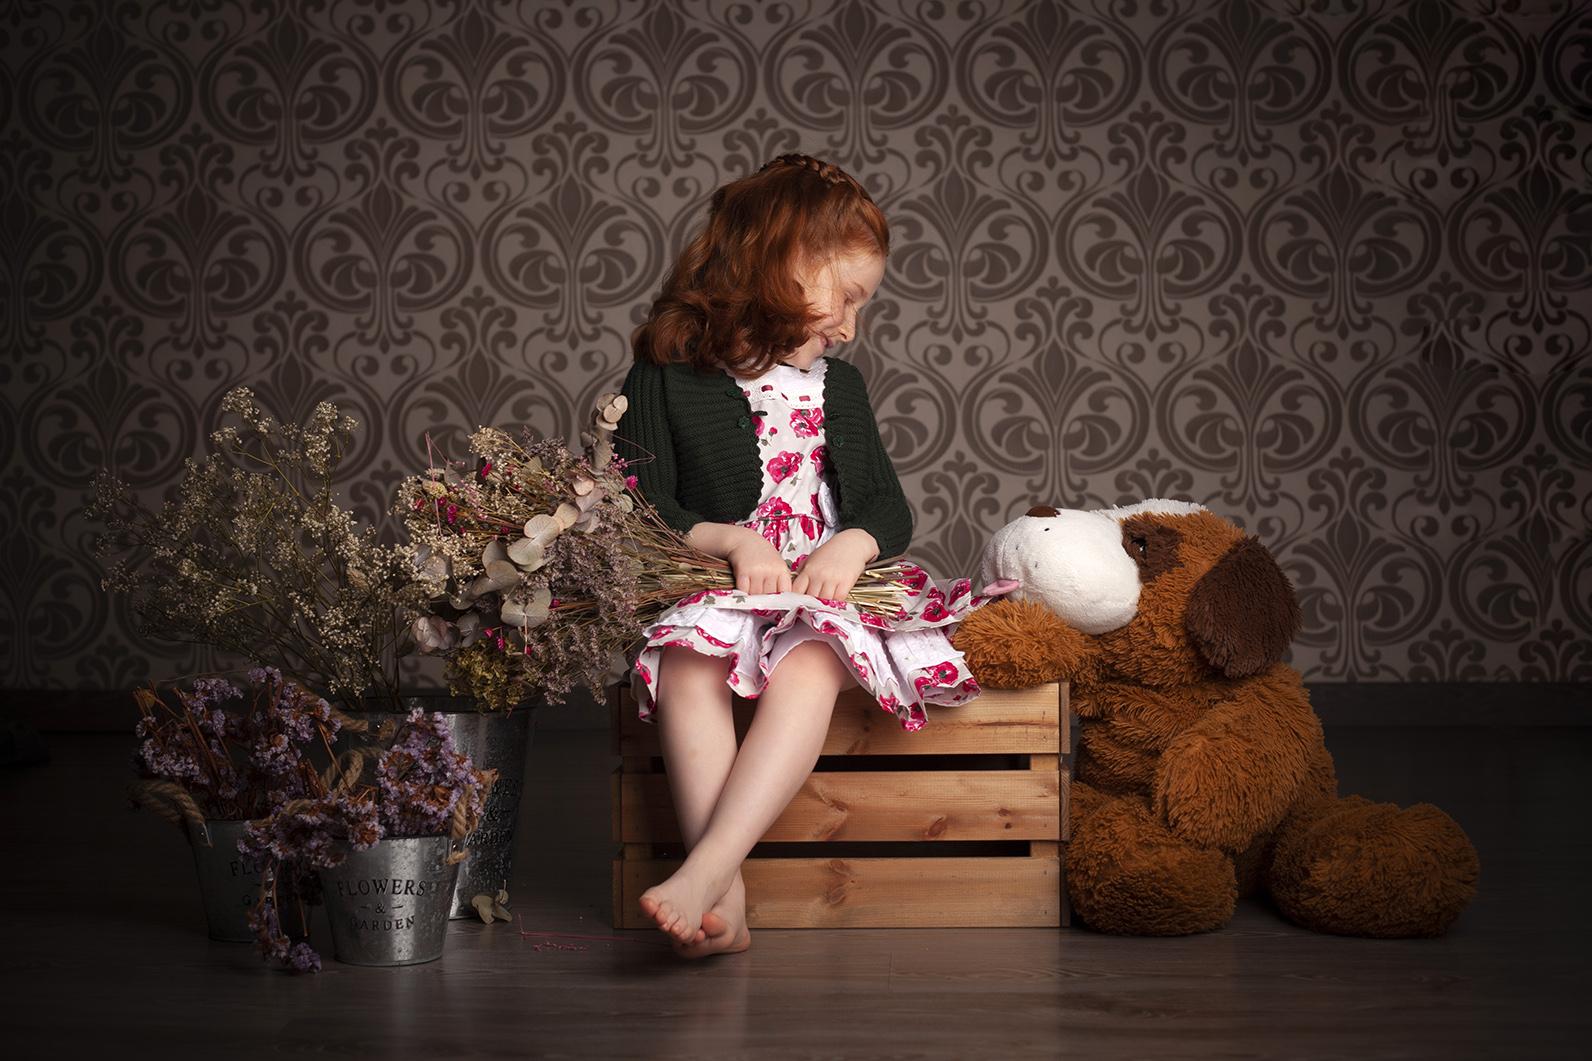 estudios-niños-Gijon-Layala-fotografo-23